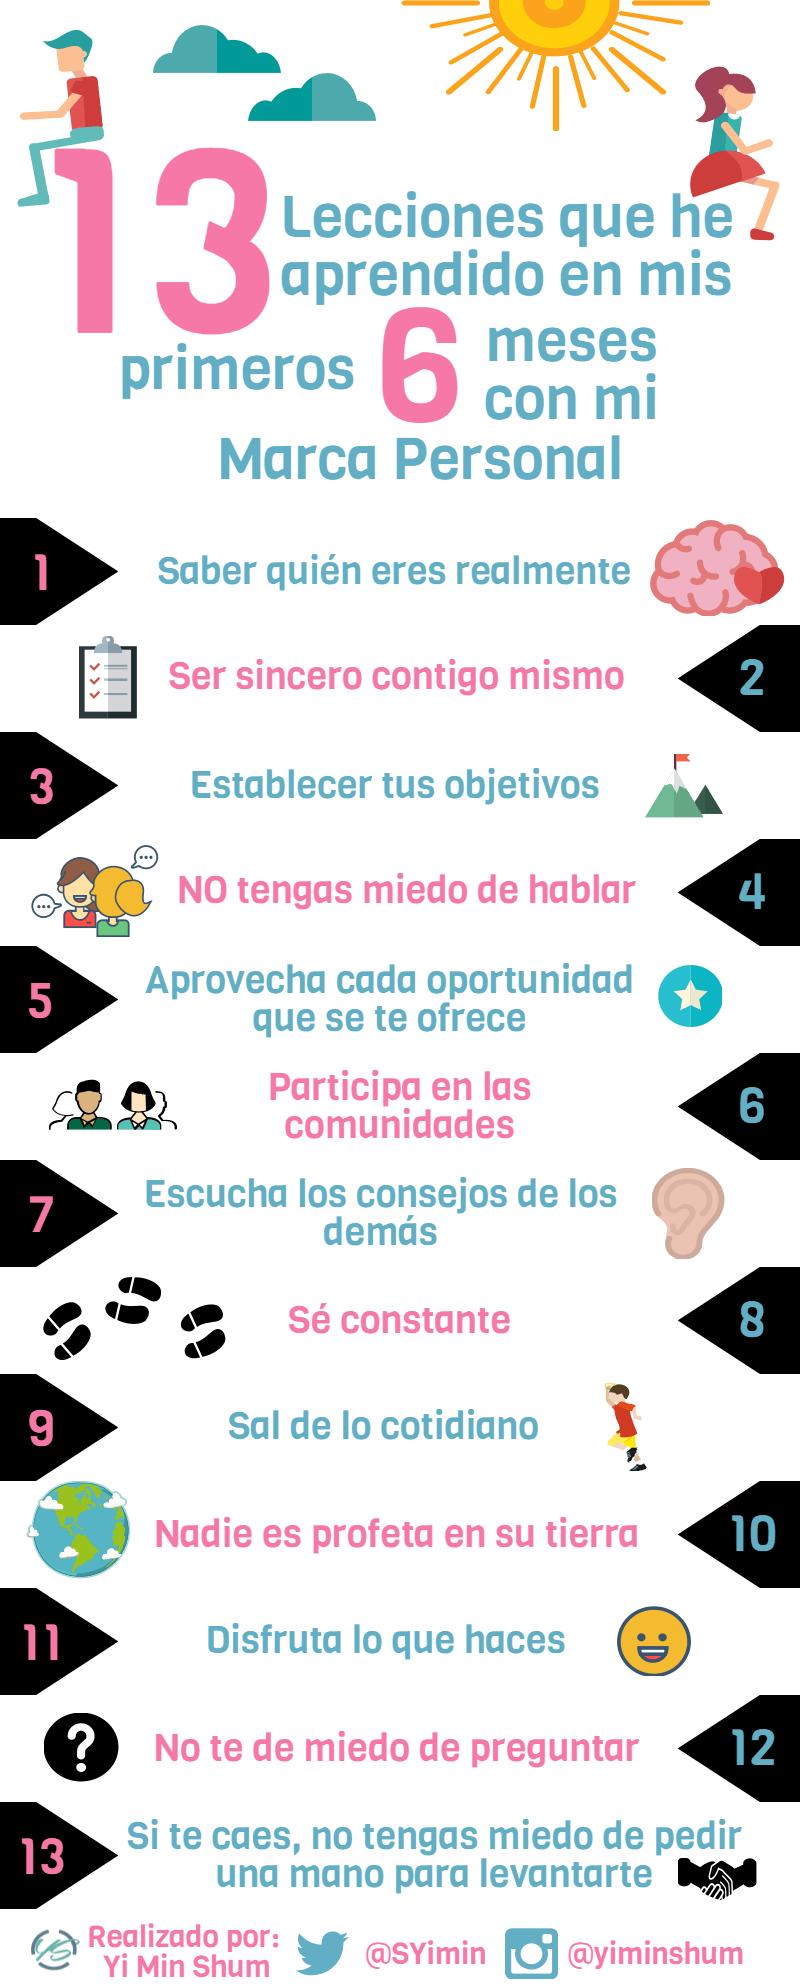 13 consejos sobre Marca Personal